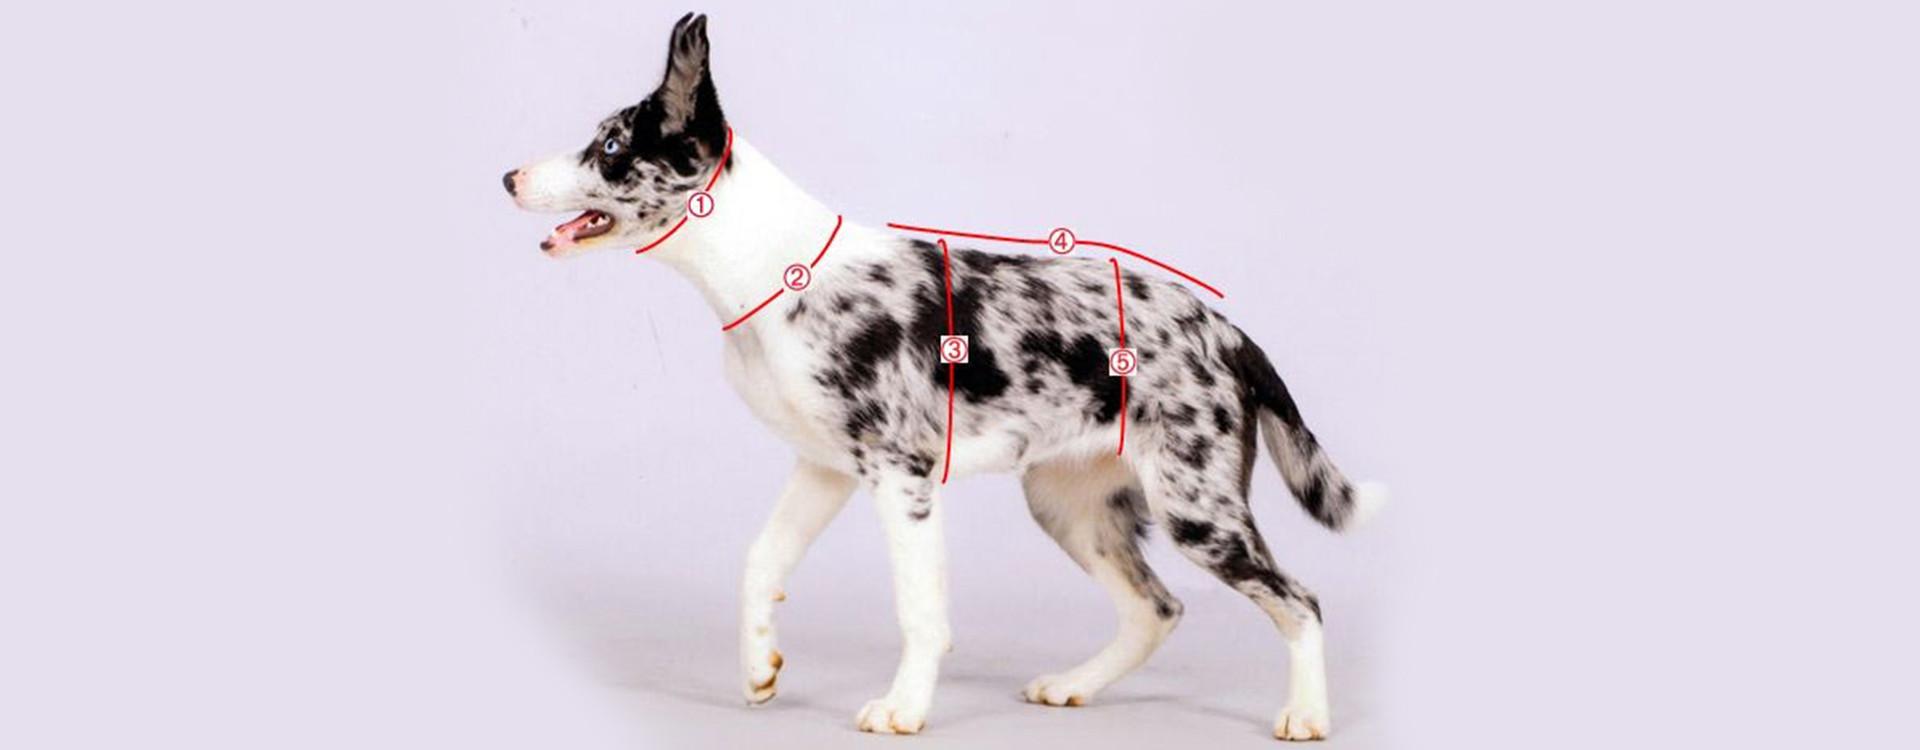 Découvrez comment mesurer un chien facilement